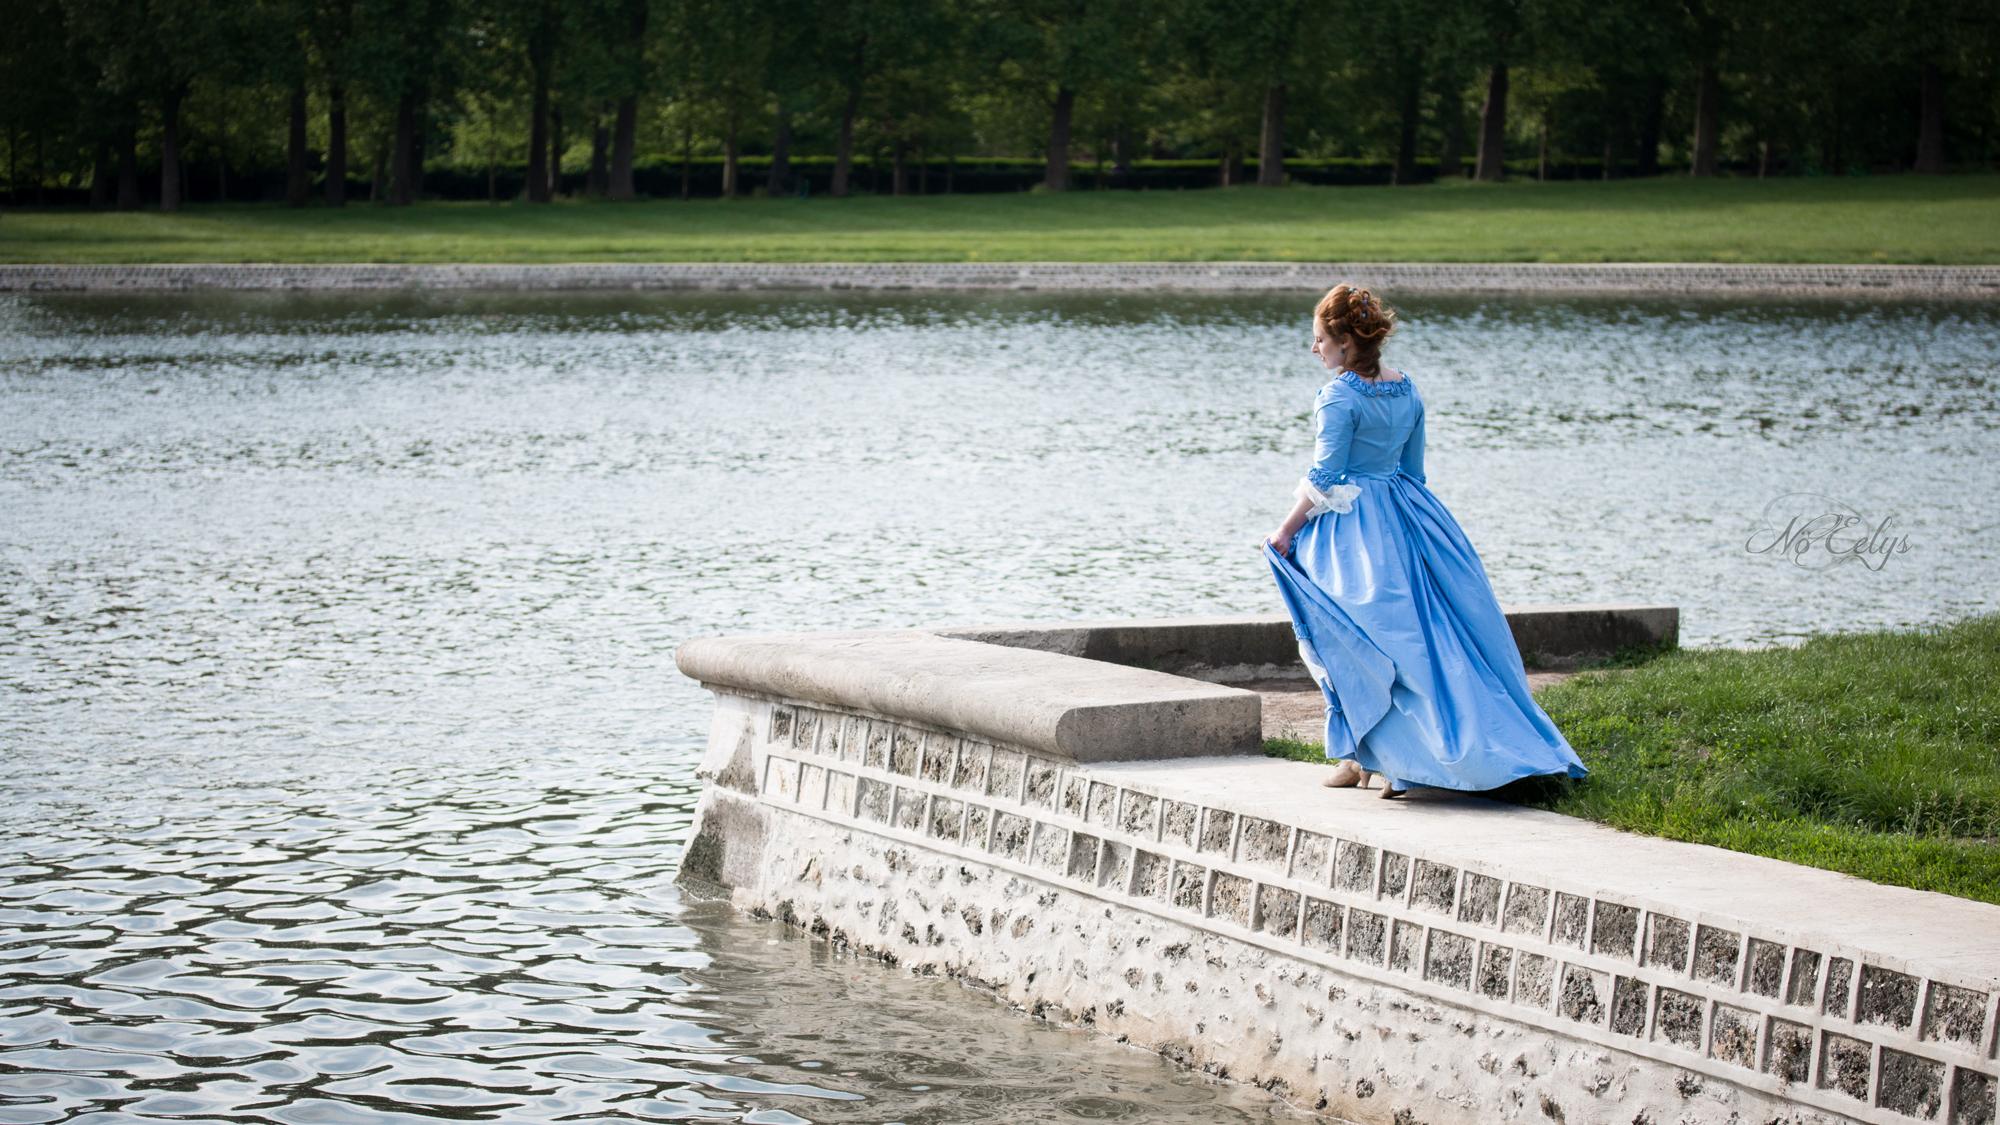 Modèle alternative Ylena Hel par Nö Eelys photo, coiffée par Findele's Secrets, photo d'inspiration romantique Renaissance Versailles, Les Corsets de Lola